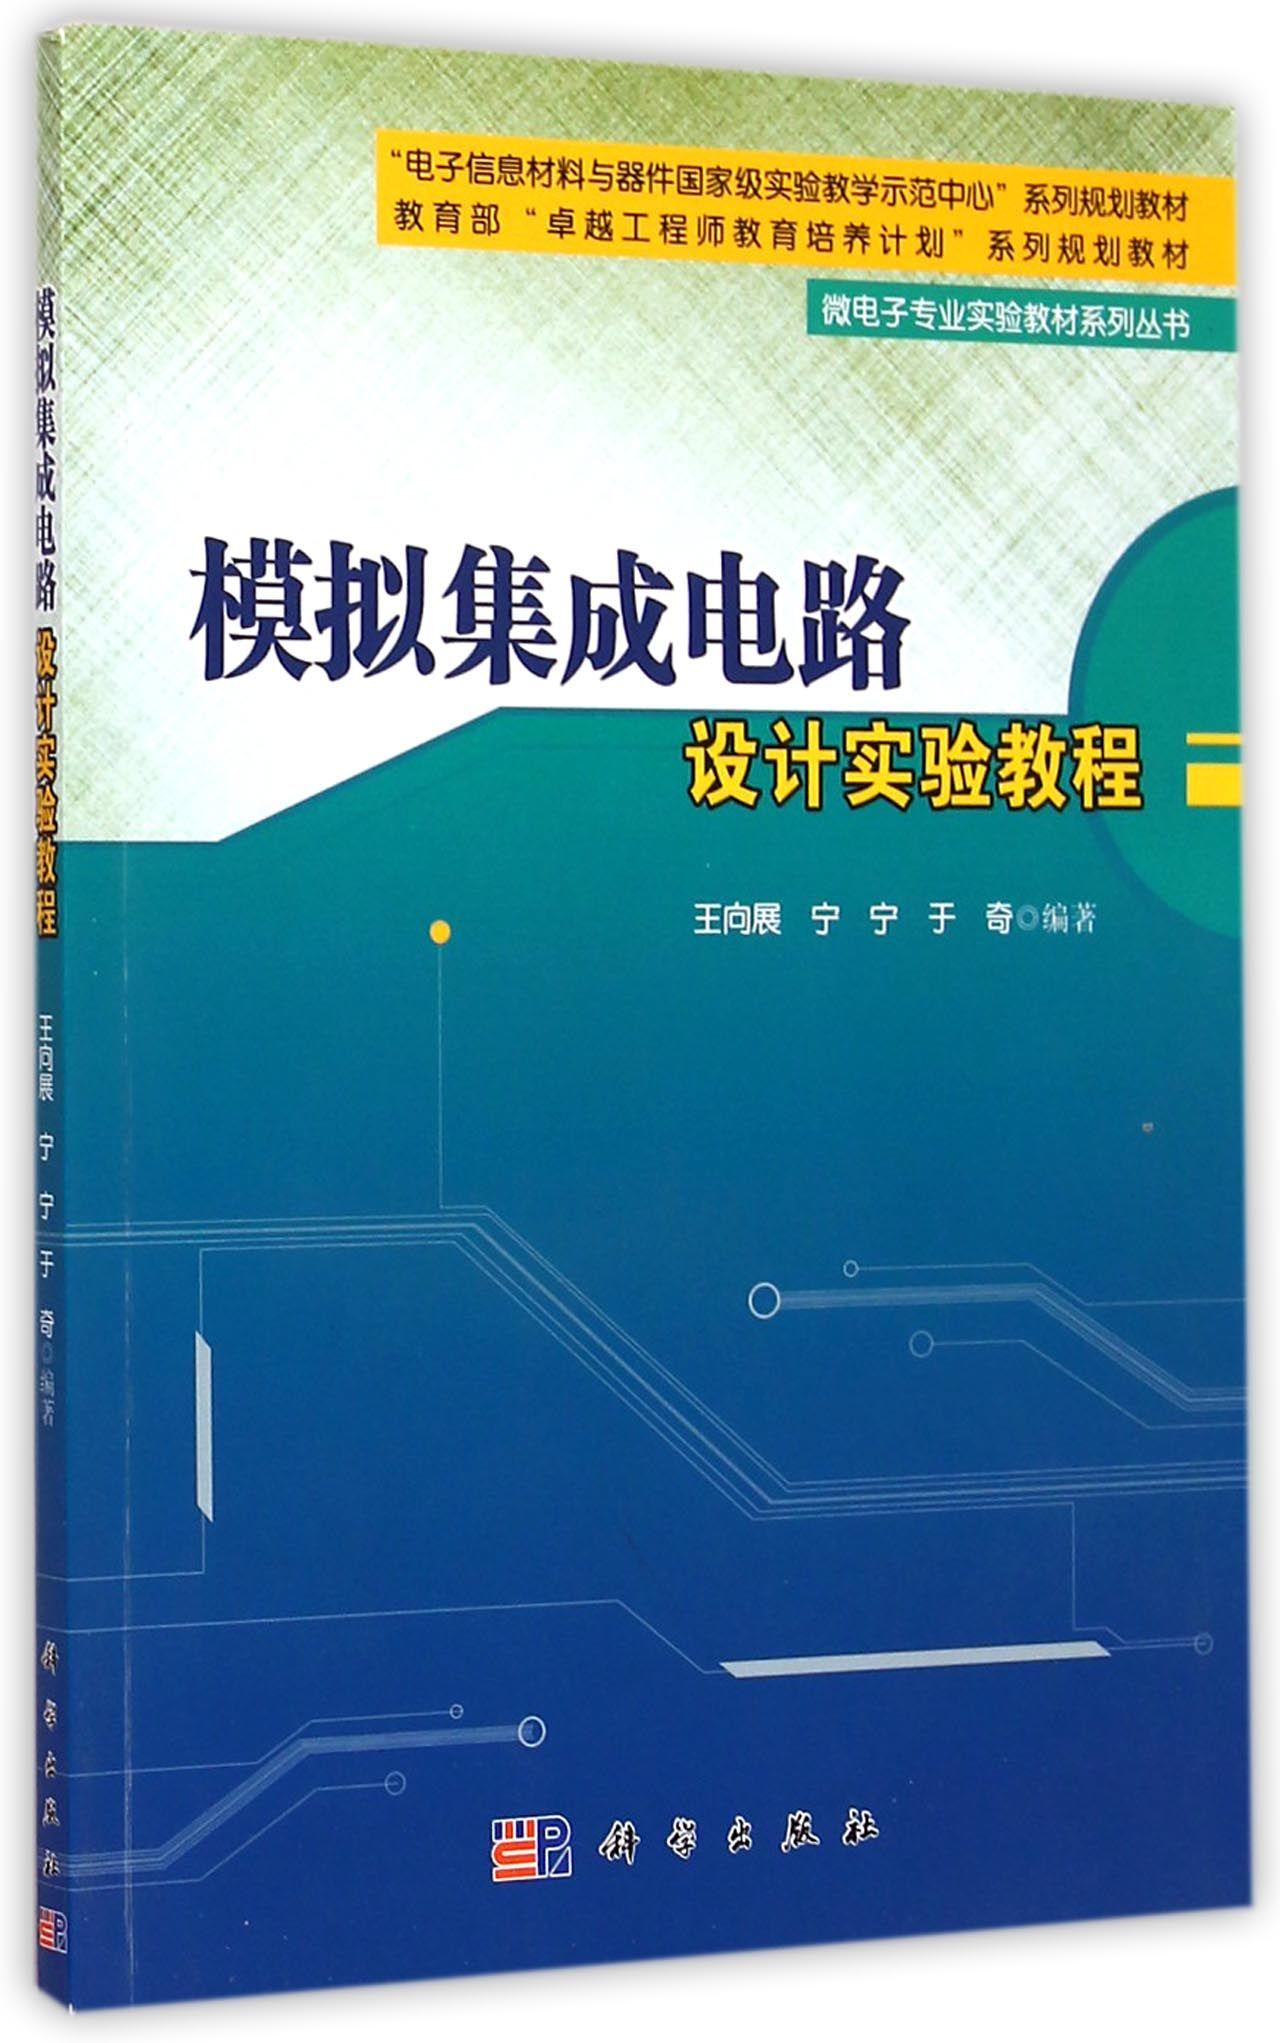 模拟集成电路设计实验教程